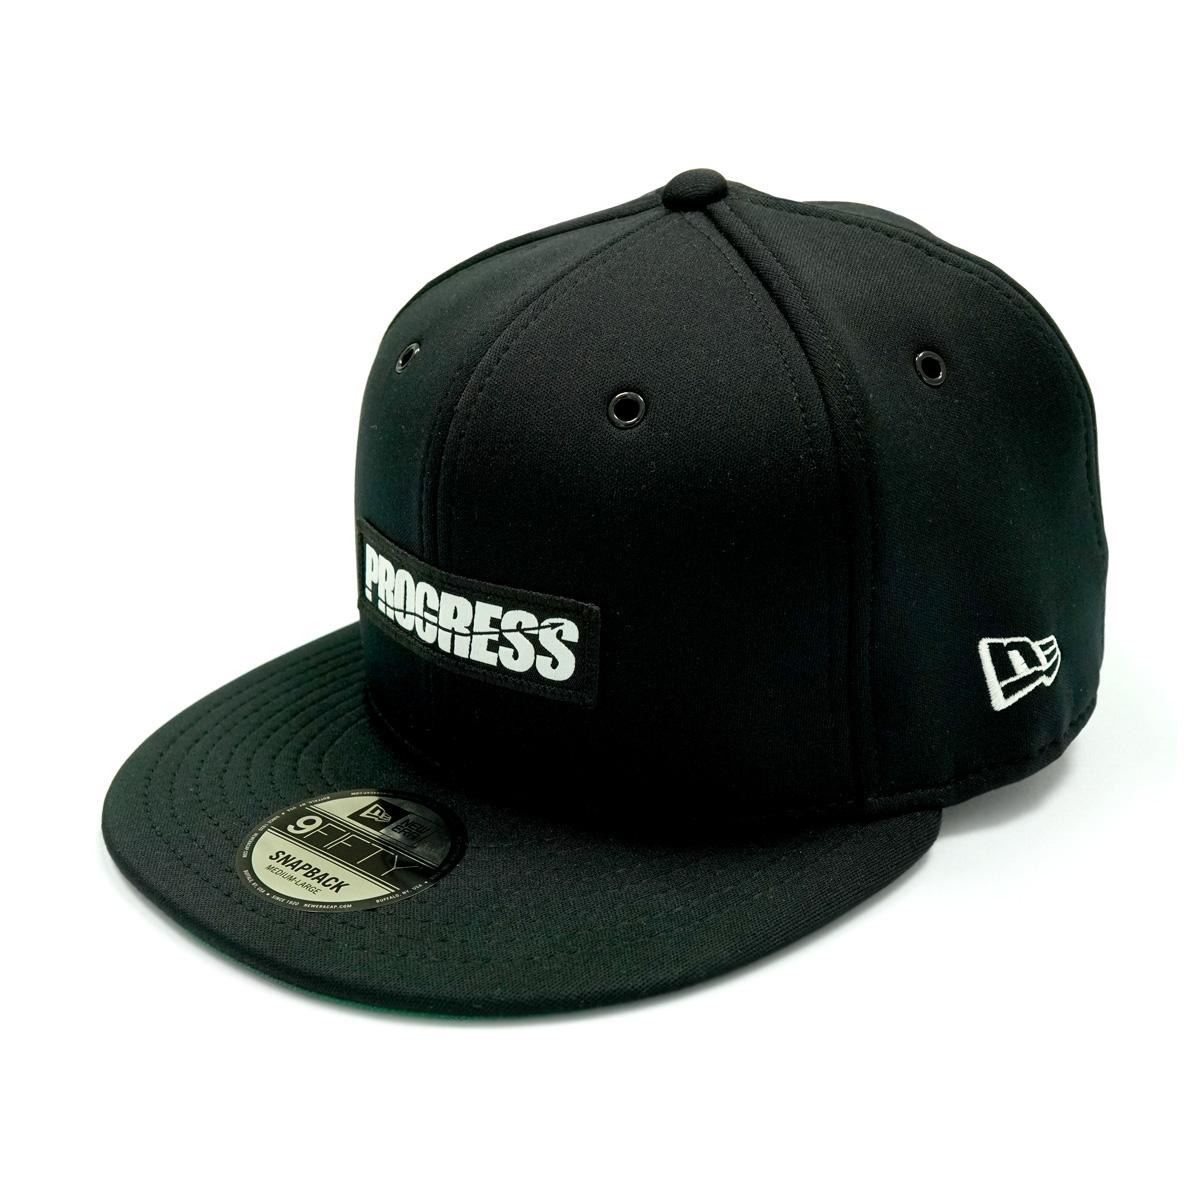 NE CAP BLACK FRONT